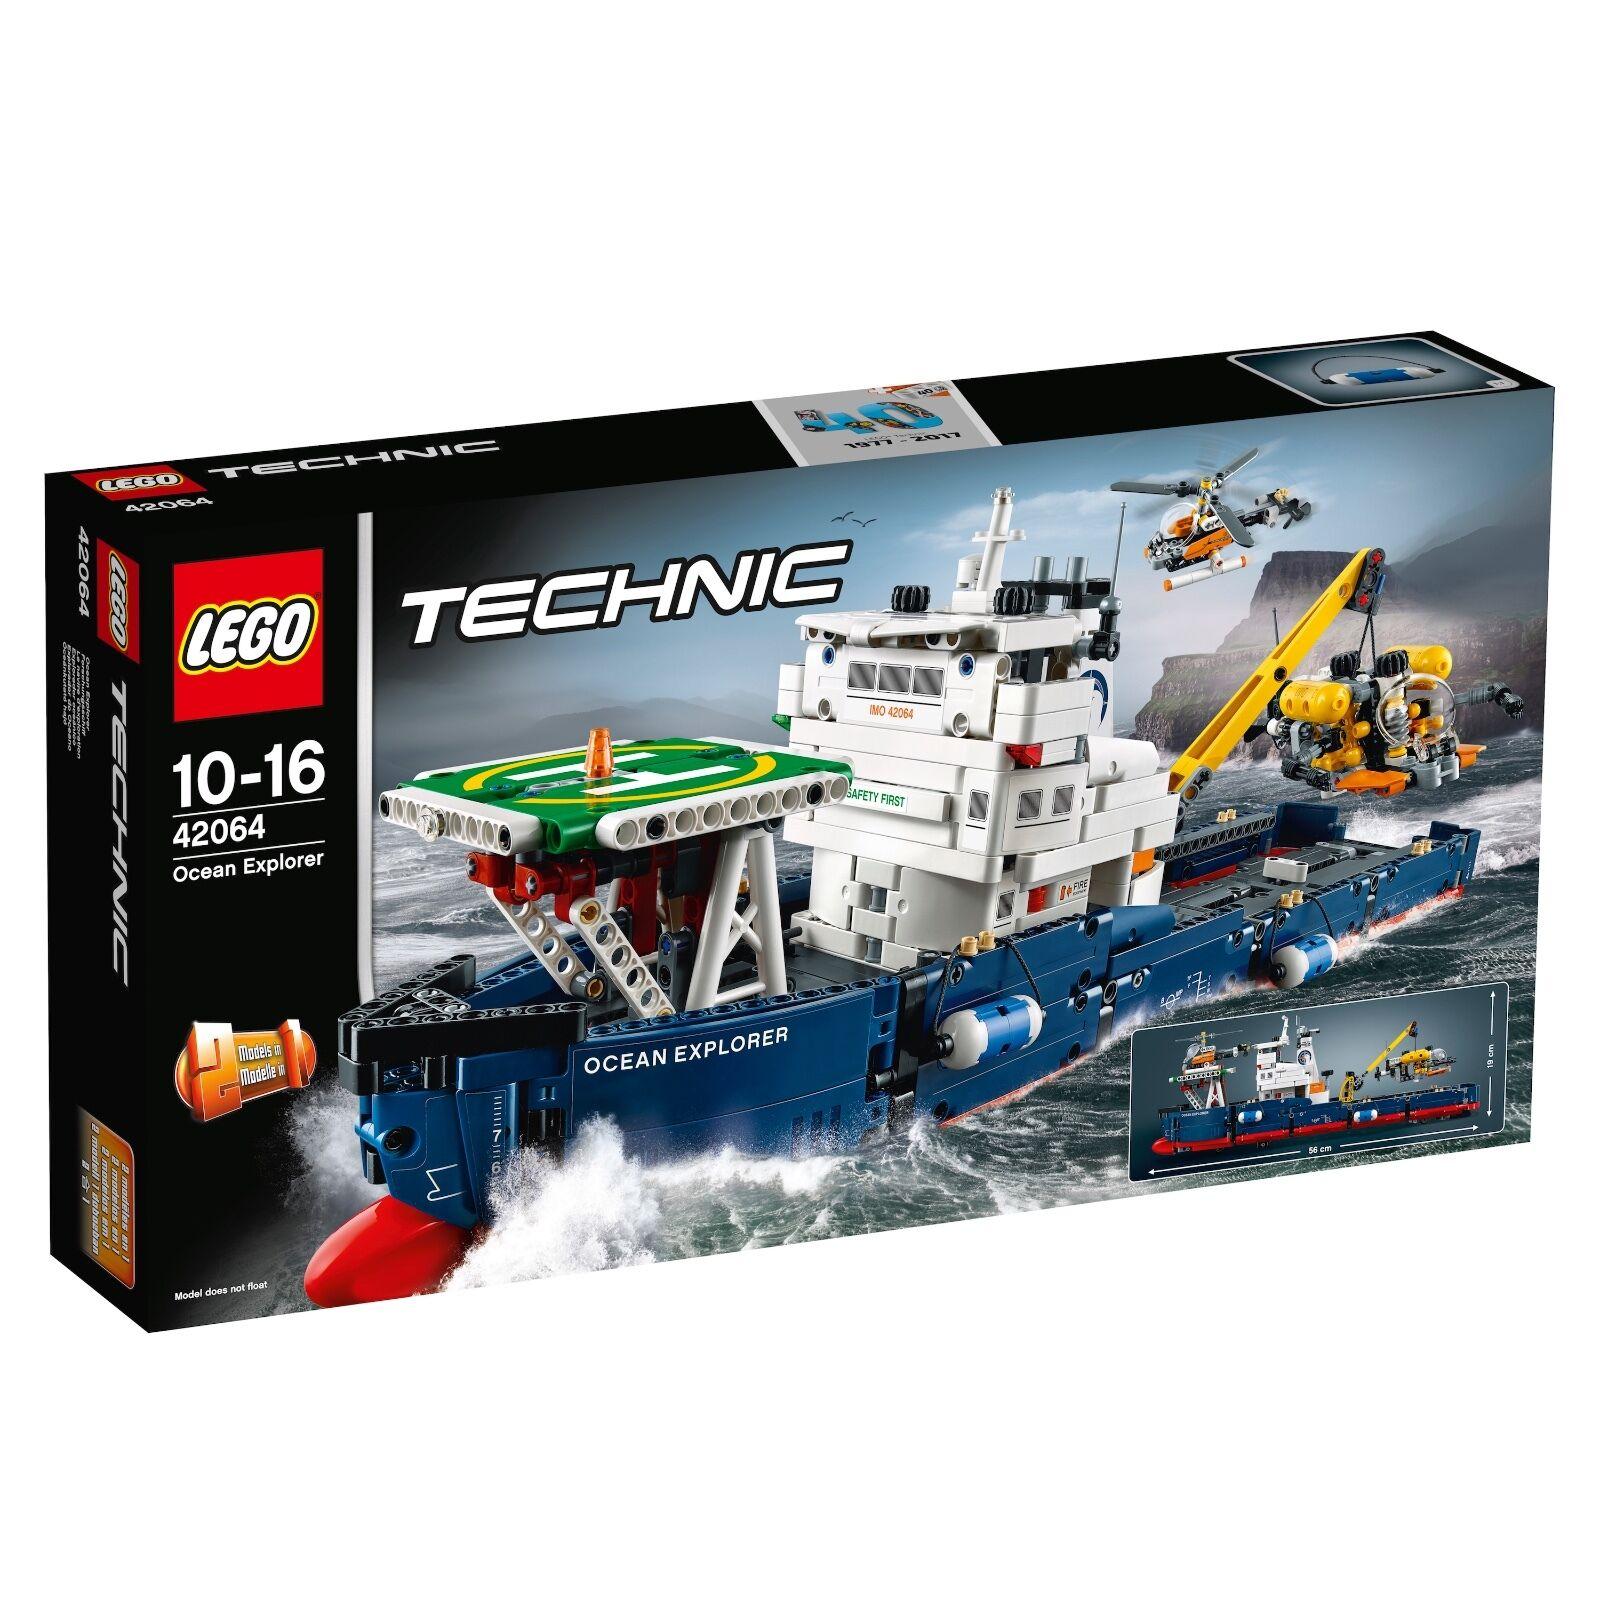 Lego Technic ® 42064 barco de investigación nuevo embalaje original _ Ocean Explorer New misb NRFB